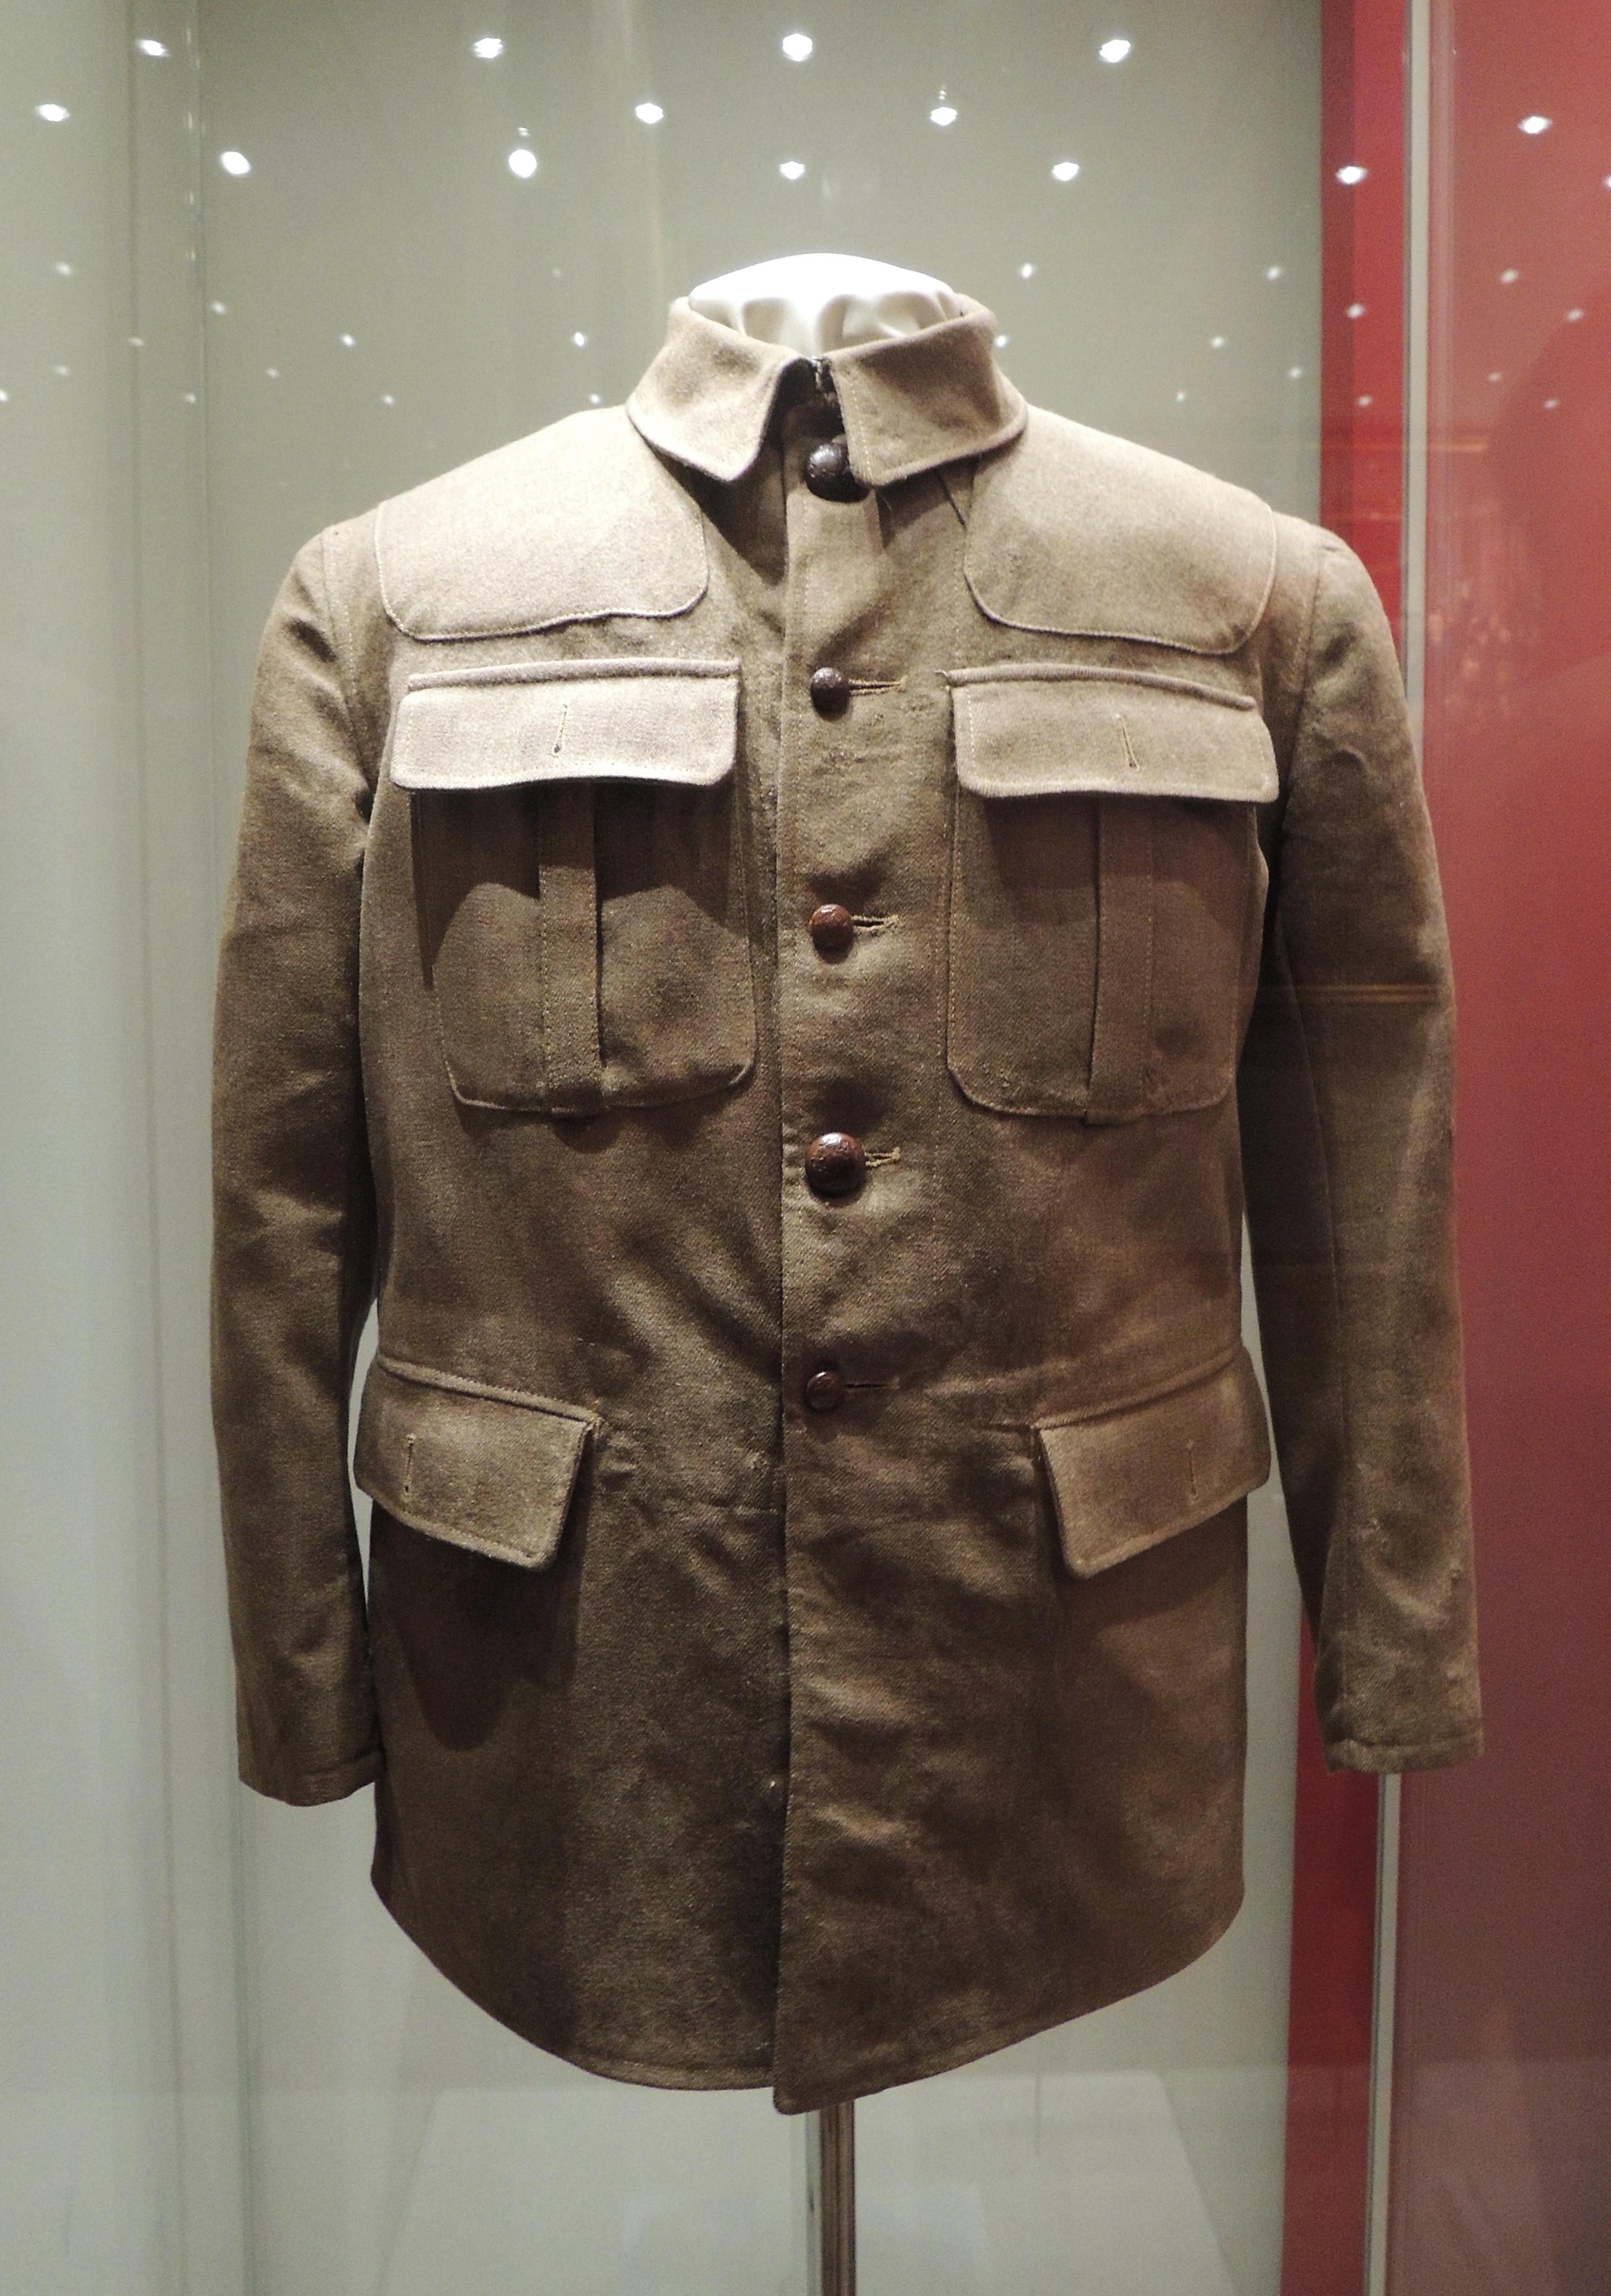 Плащ, френч, пиджак кож зам, 50-52р, цена - 250 грн, #18044673 ... | 4136x2902